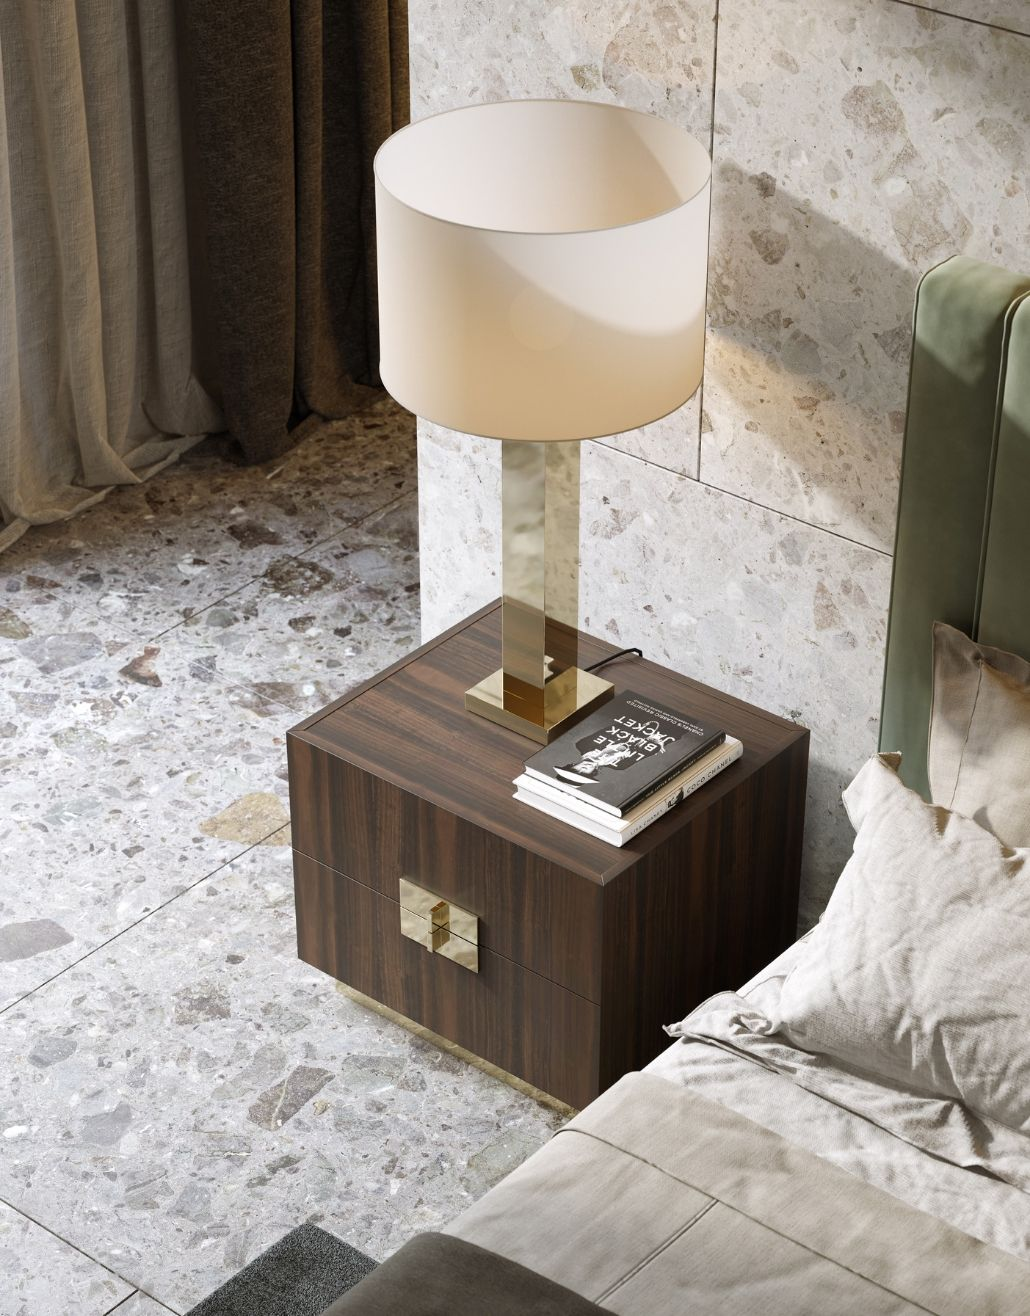 candeeiro com inox dourado para quarto moderno